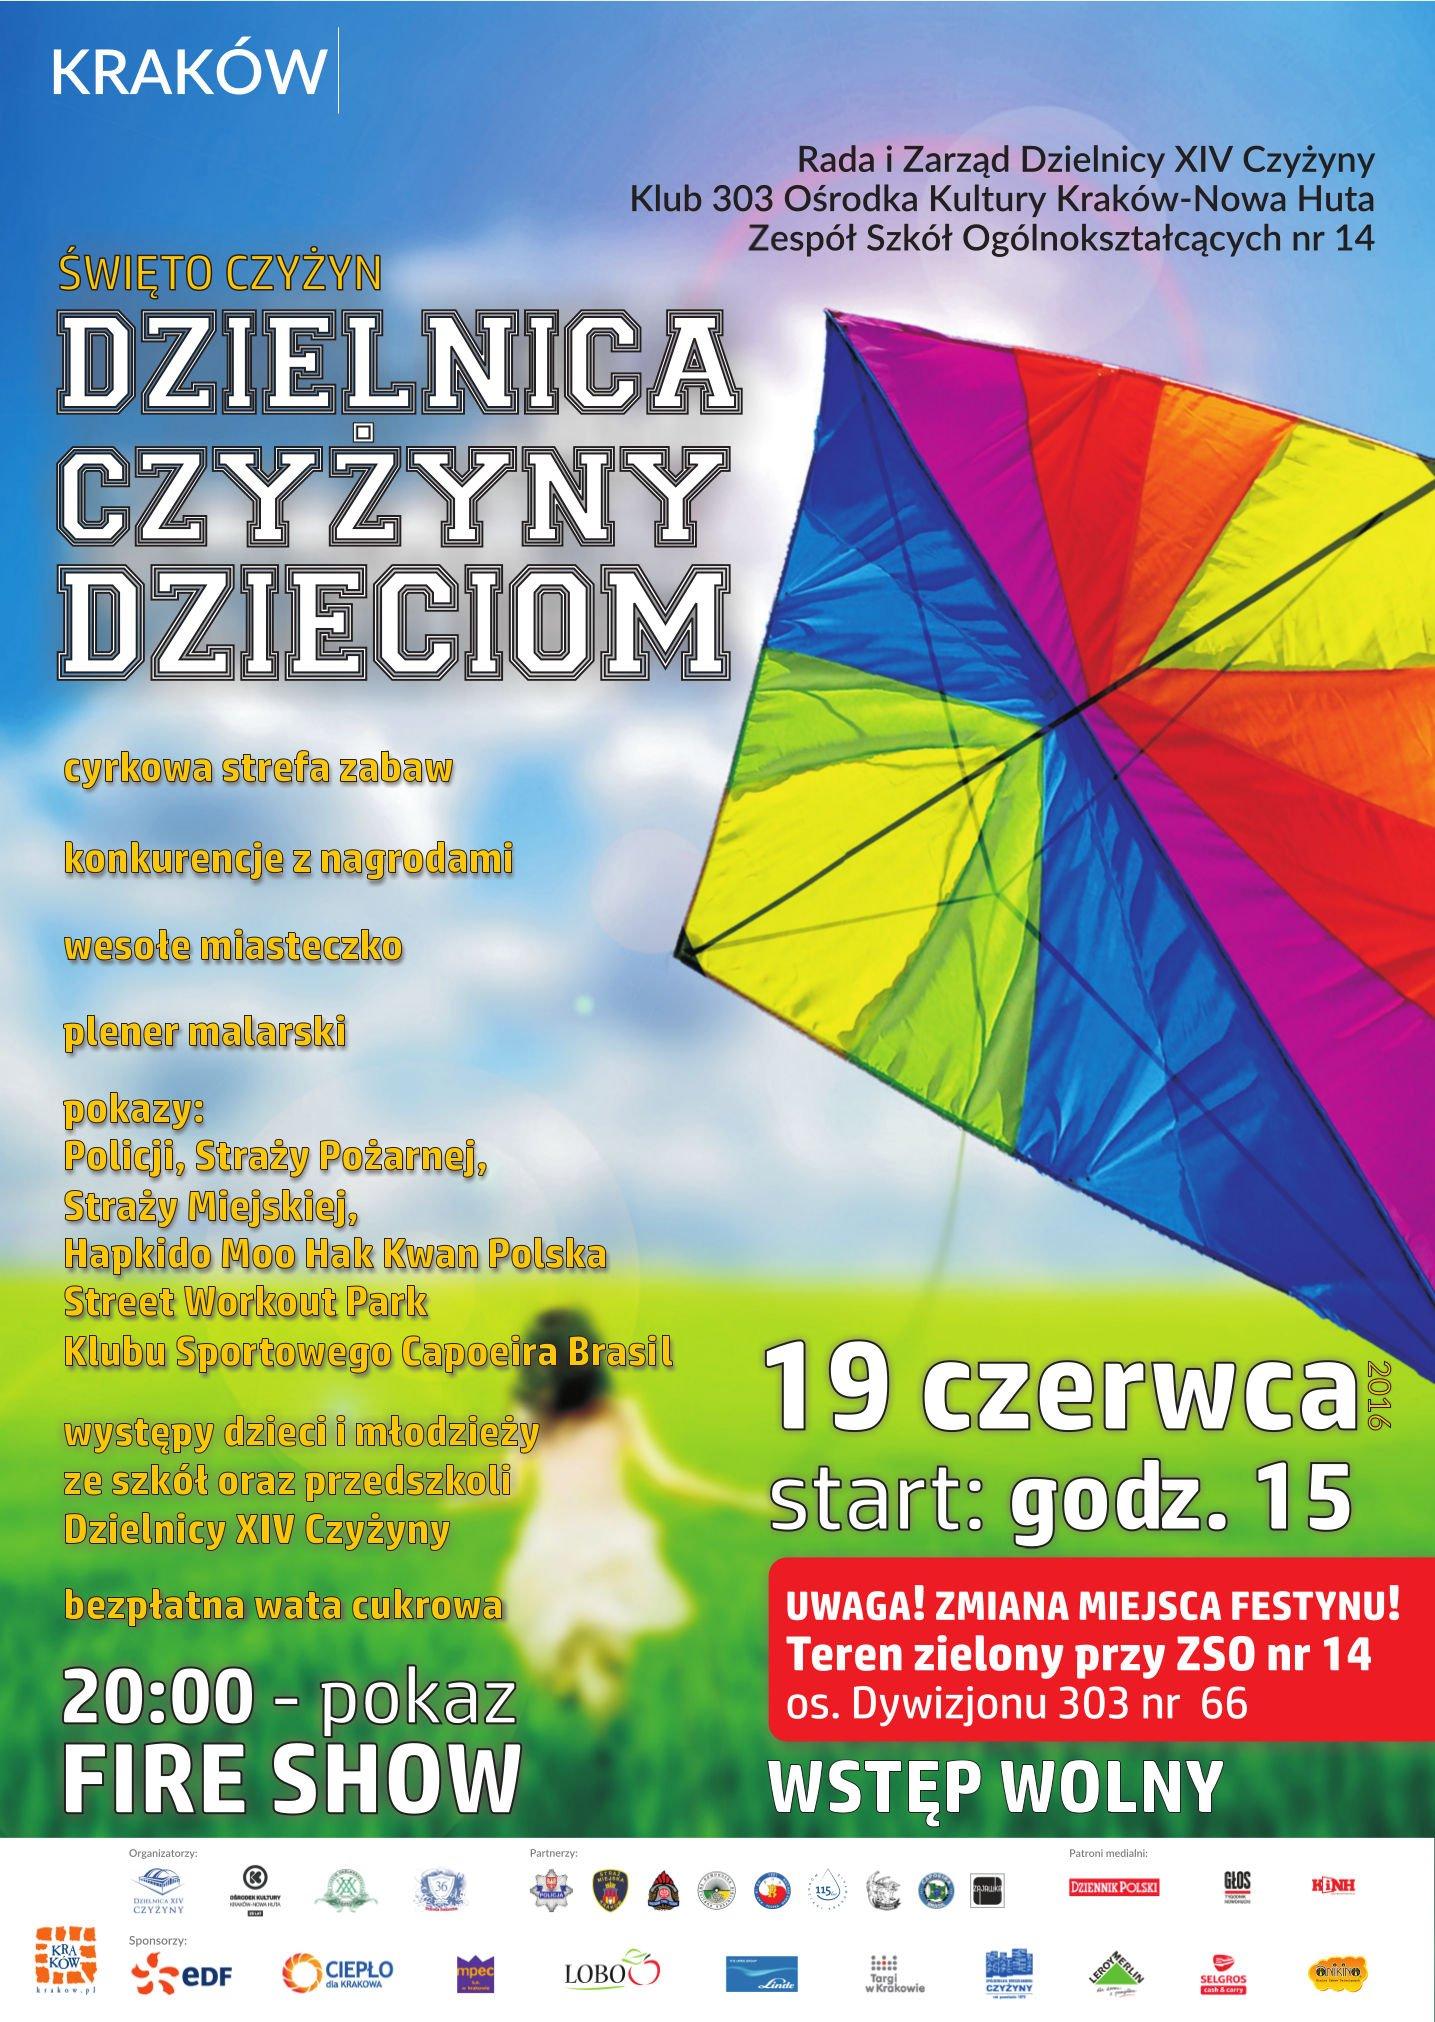 piknik Czyżyny dzieciom Kraków